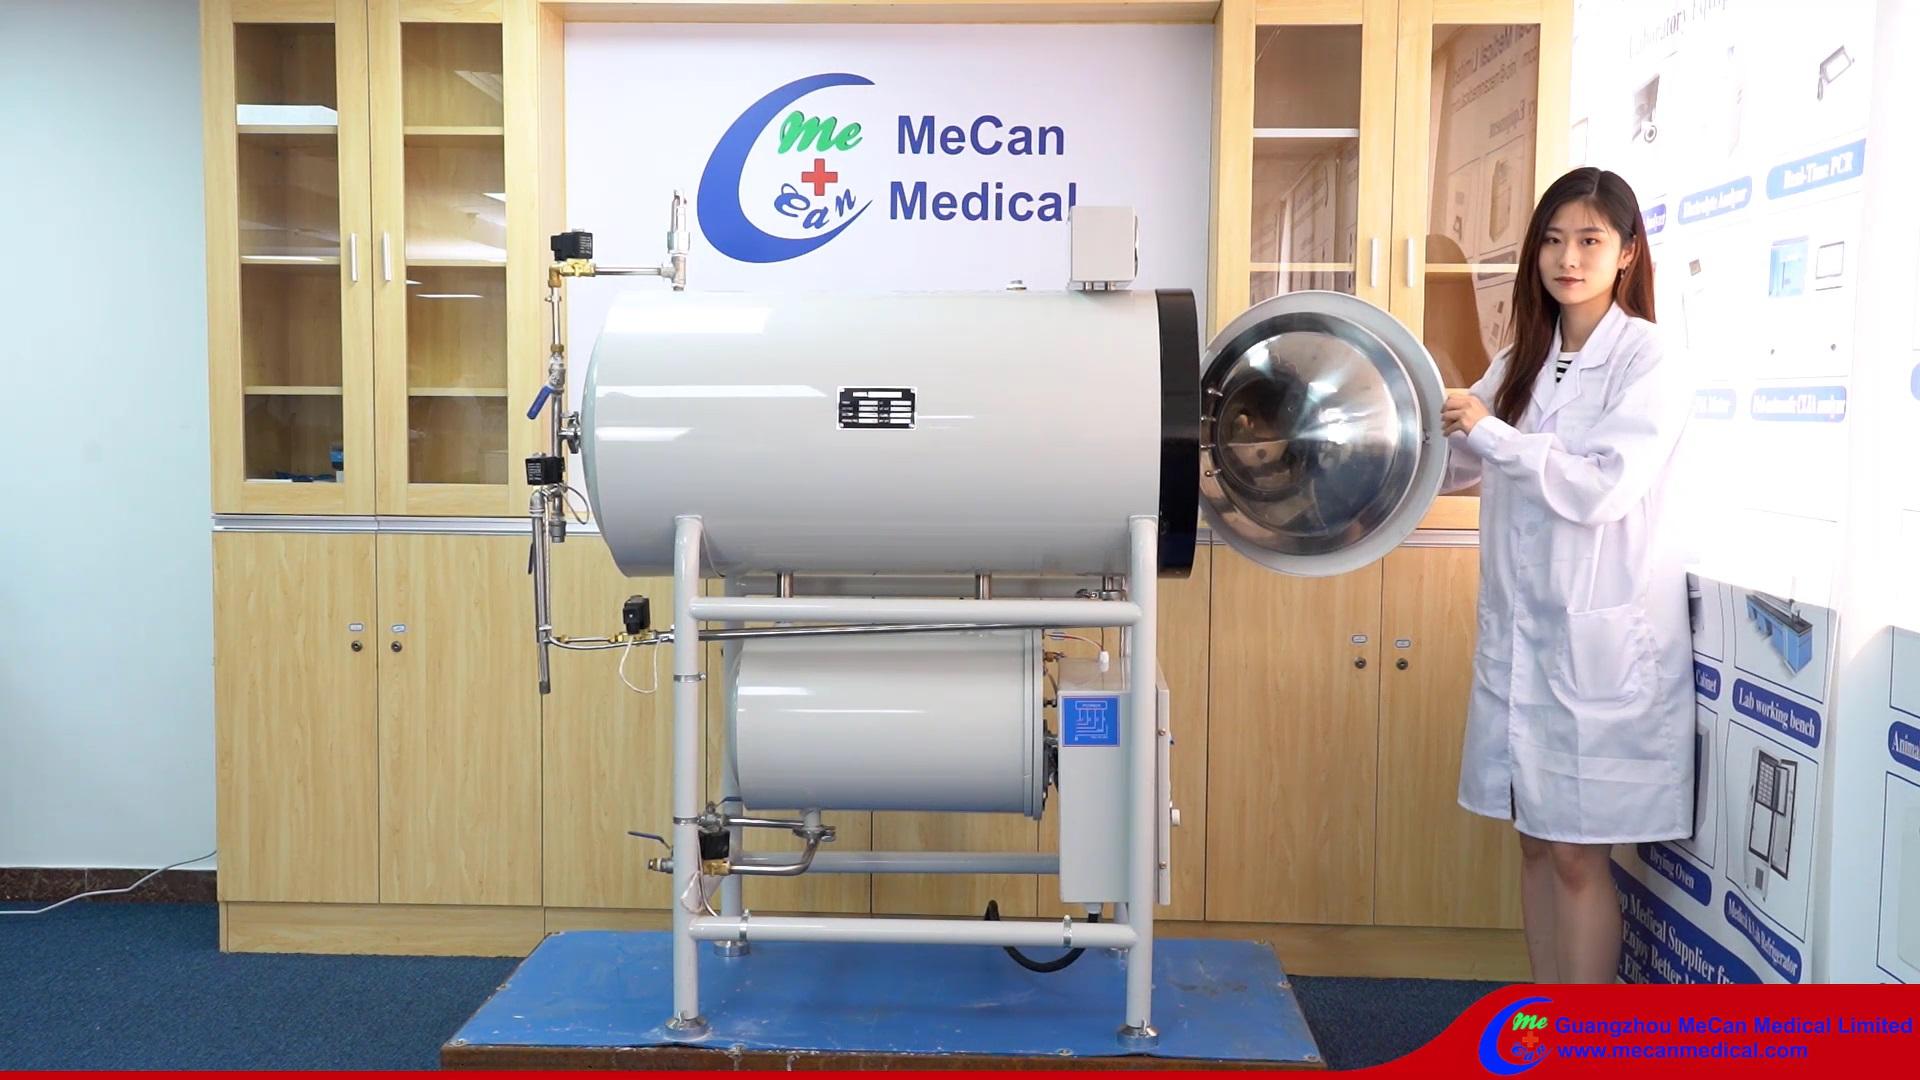 150L-500L Veliki visokotlačni autoklažni sterilizator za bolničke laboratorijske plantaže gljiva Mecan Medical